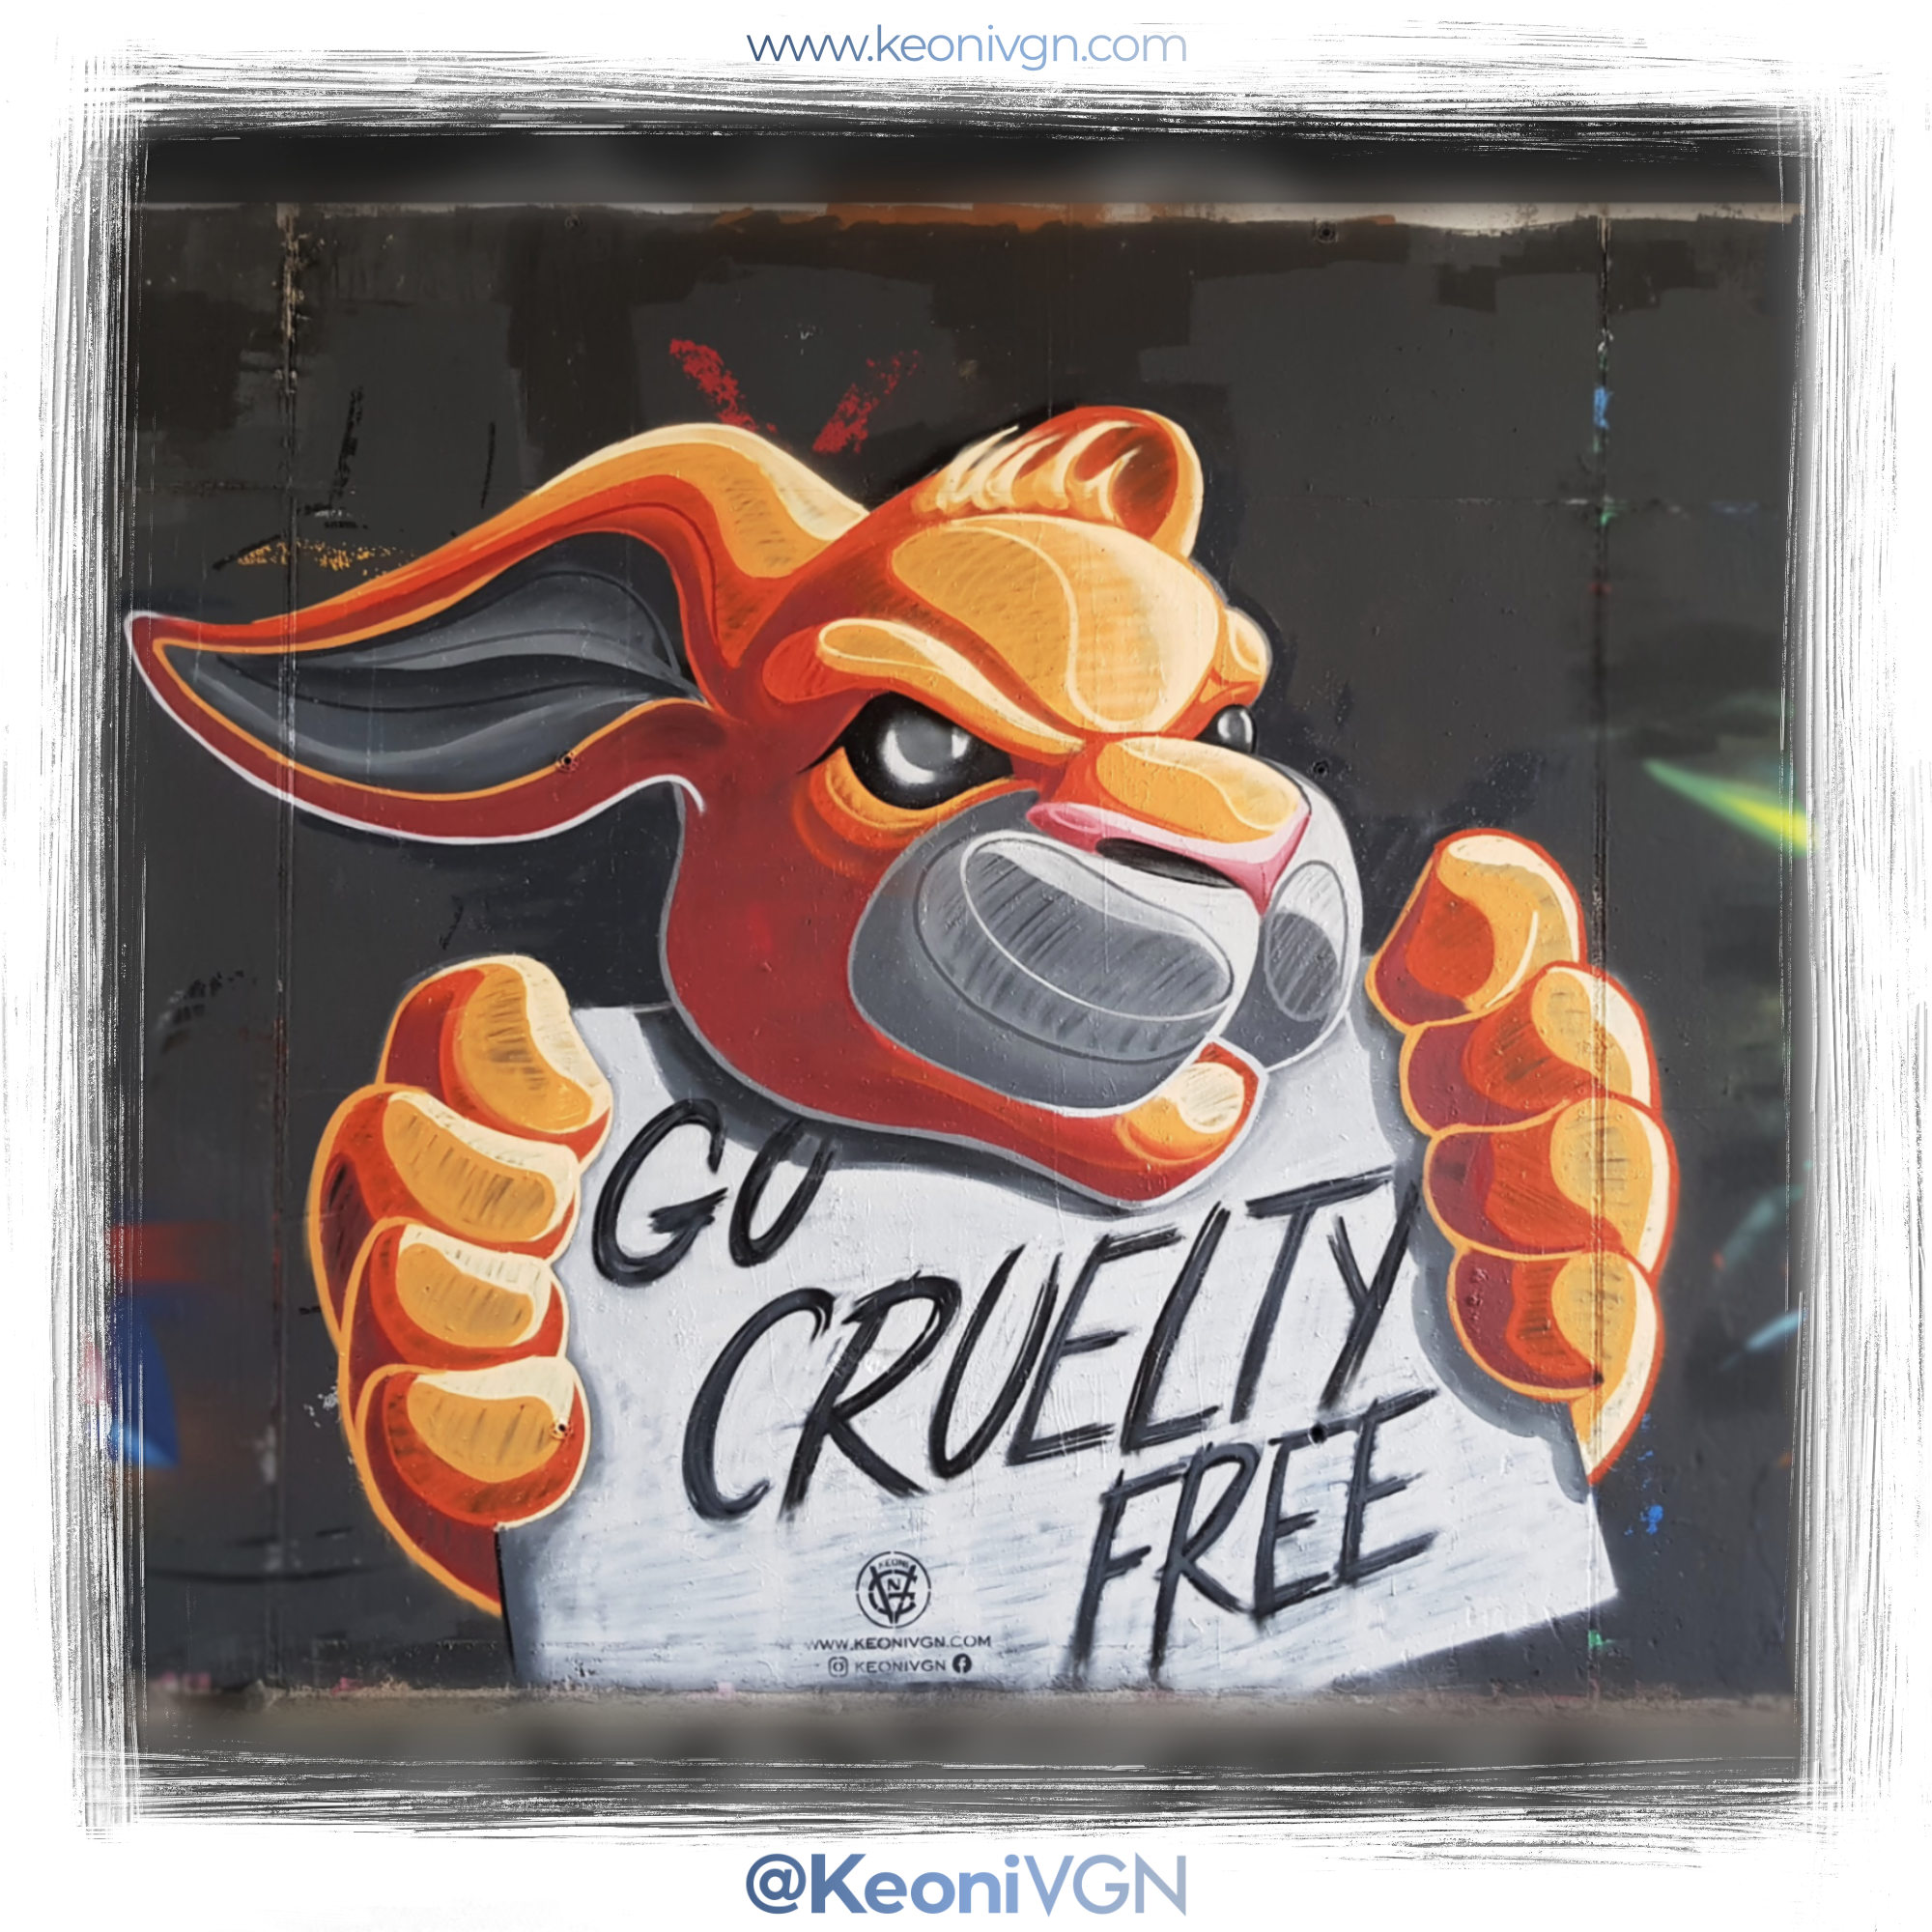 proyecto Go Cruelty Free!